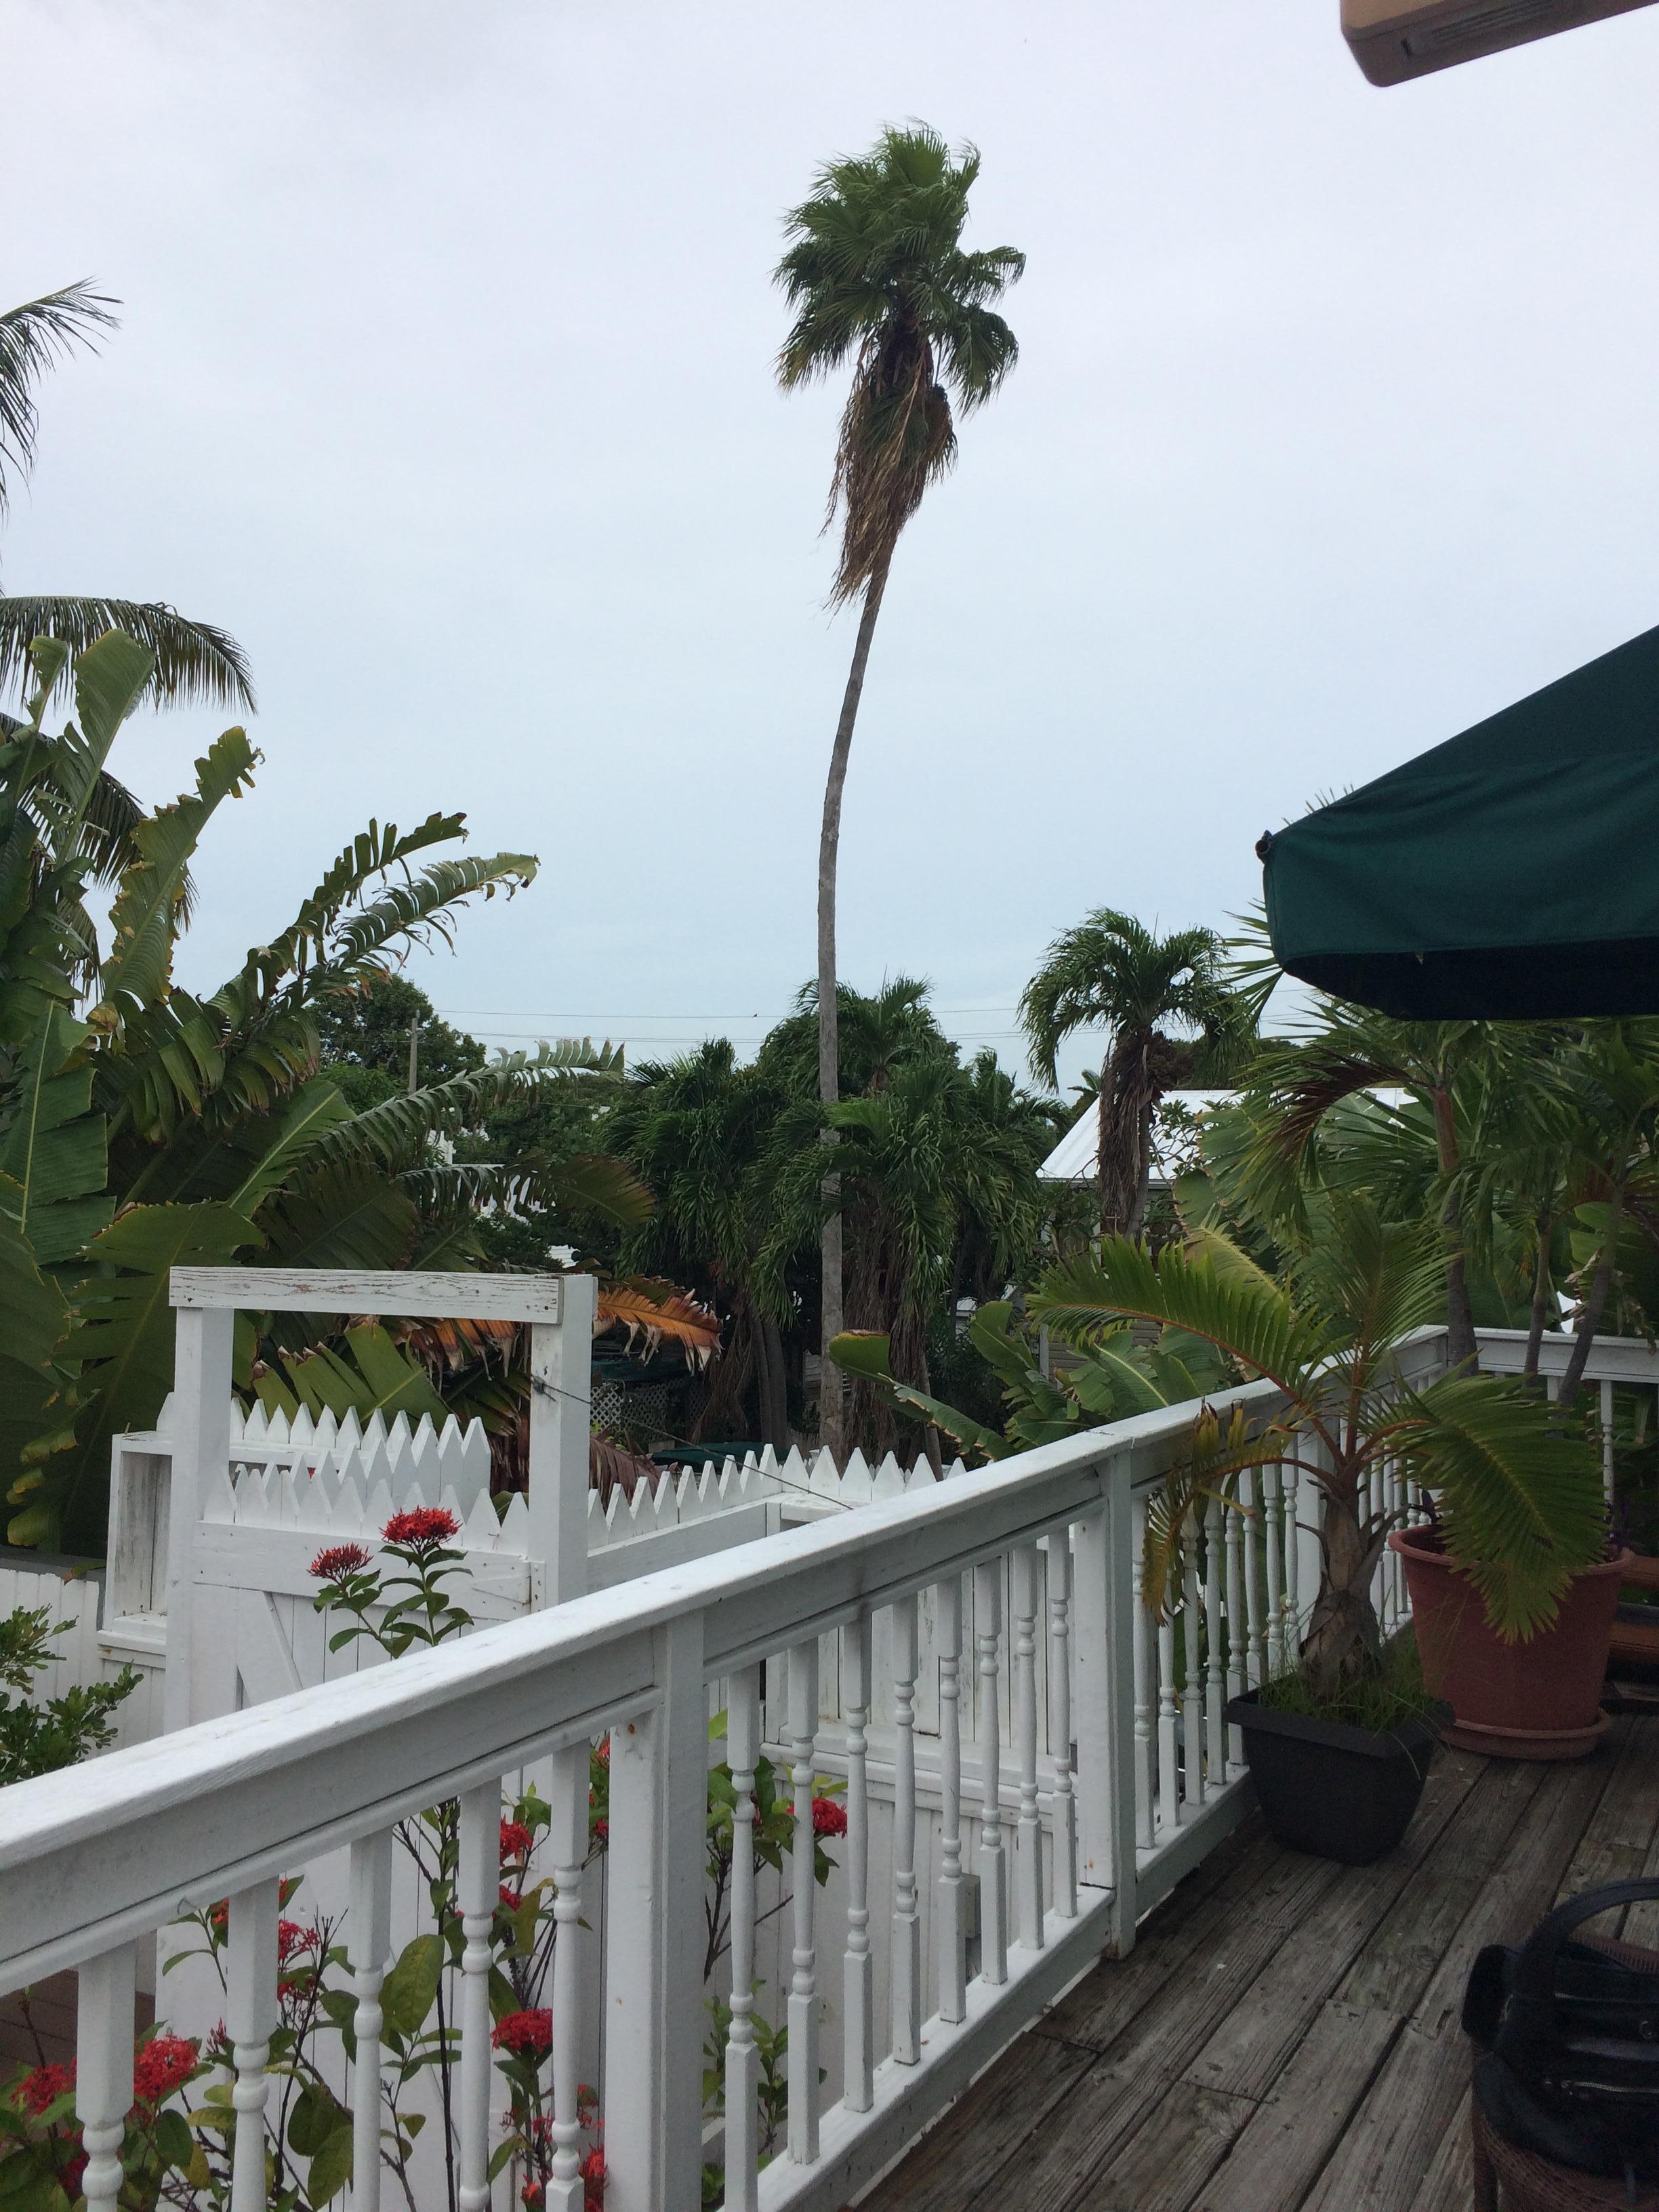 Key West High Rise